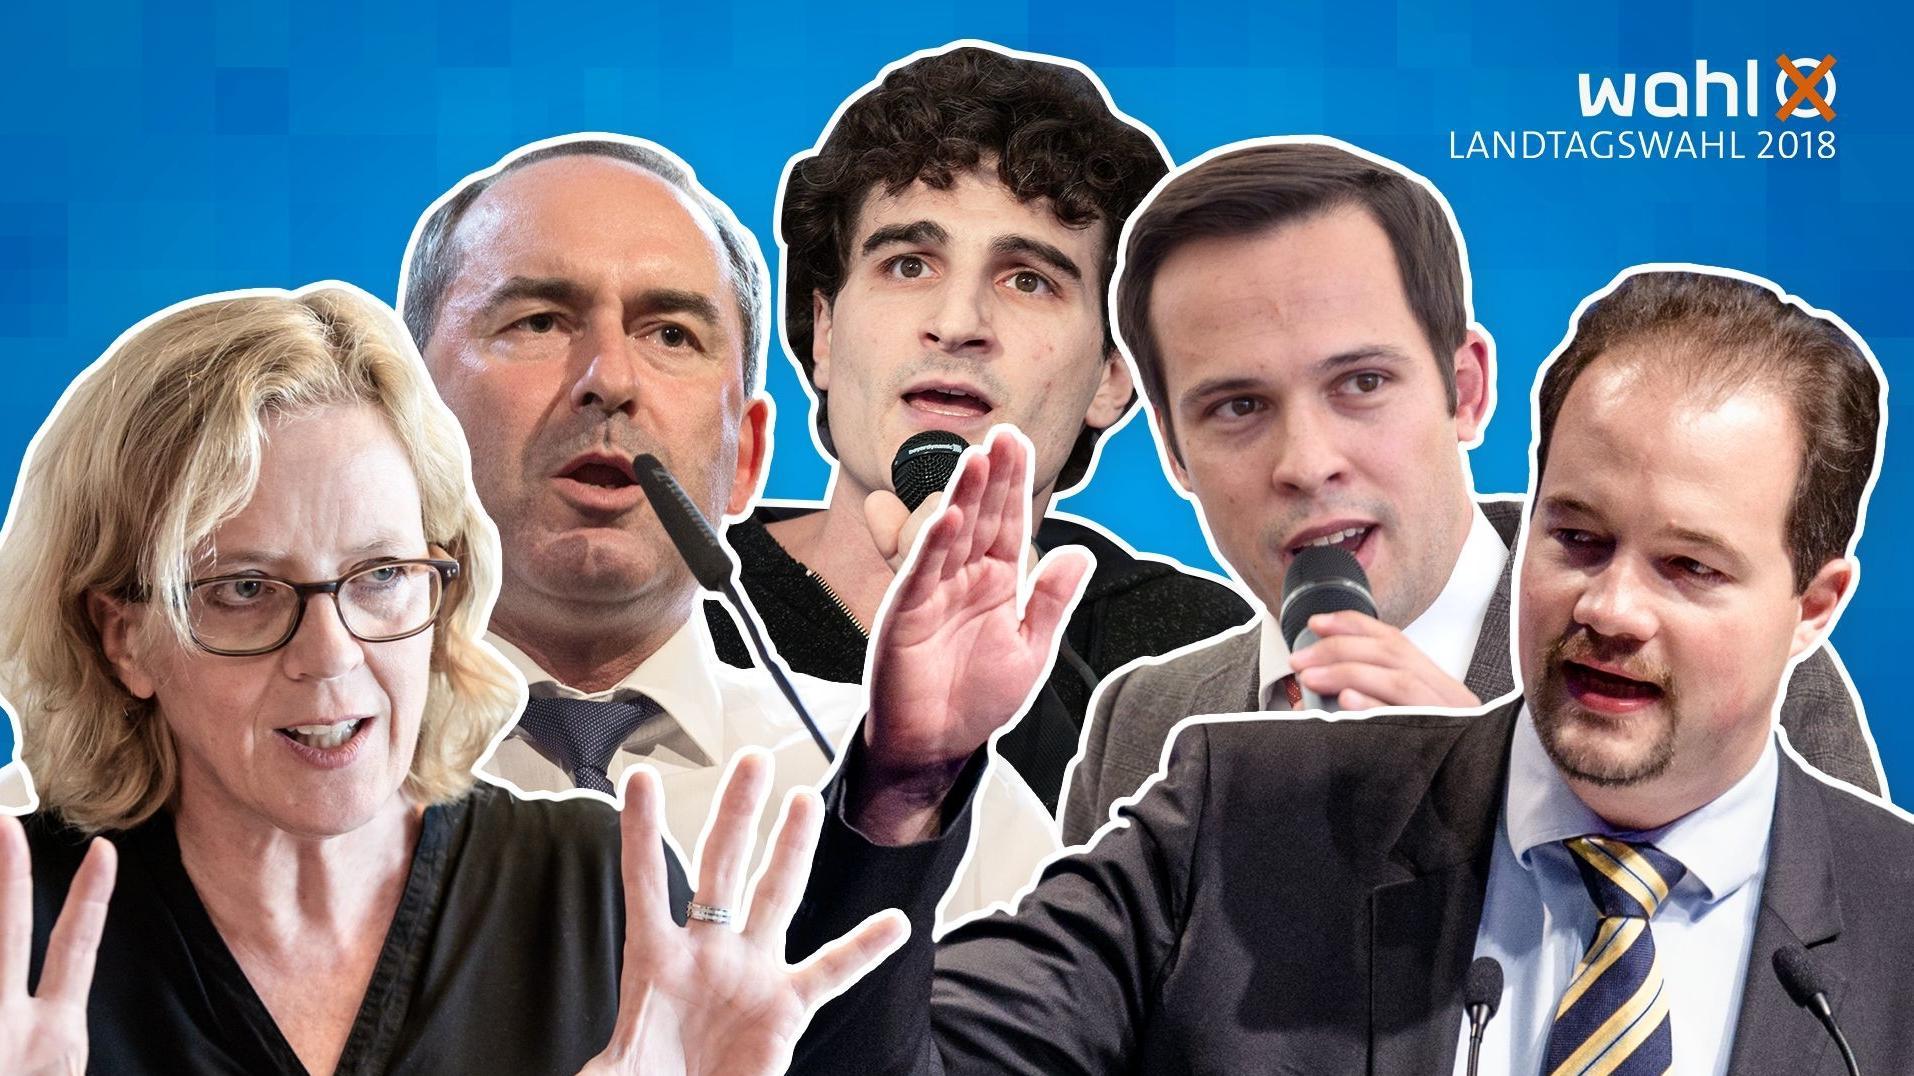 Natascha Kohnen (SPD), Hubert Aiwanger (Freie Wähler), Ates Gürpinar (Die Linke), Martin Hagen (FDP), und Martin Sichert (AfD) (v.l.)